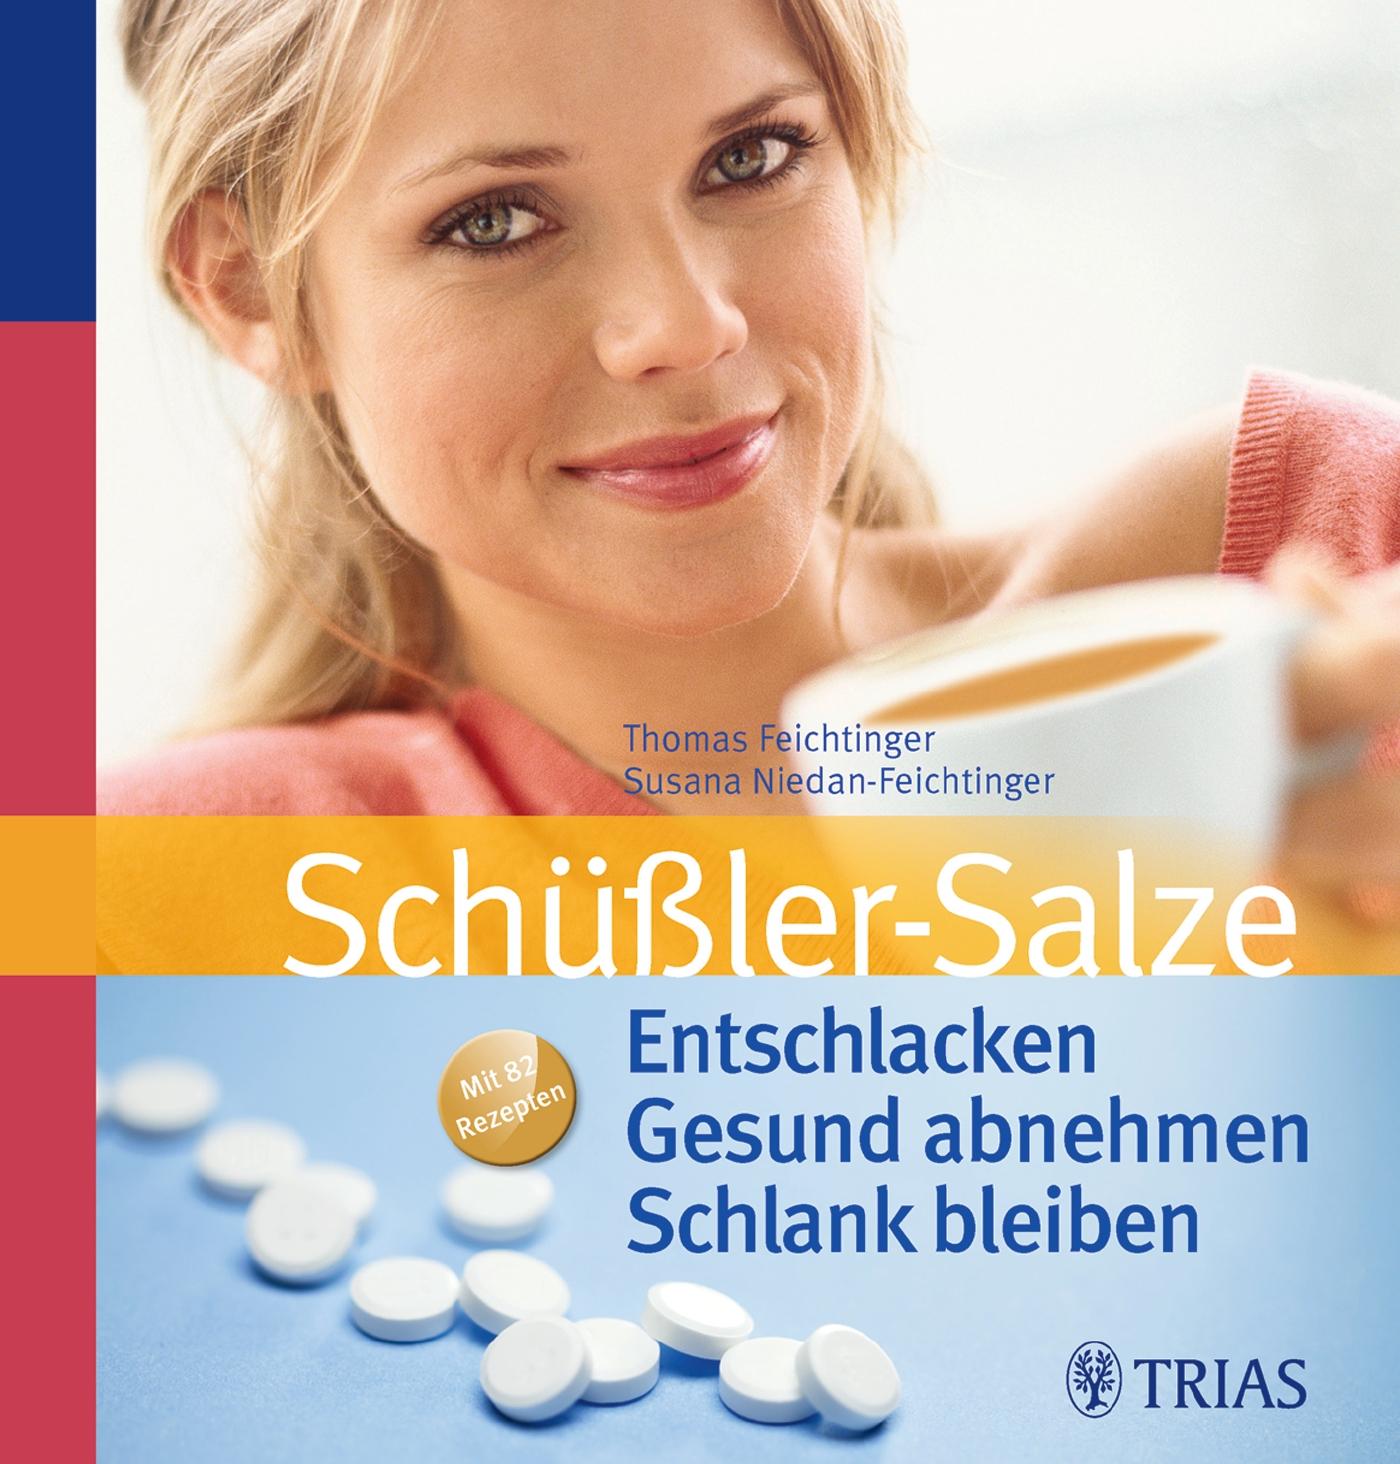 Schüßler-Salze: Entschlacken  Gesund abnehmen  Schlank bleiben